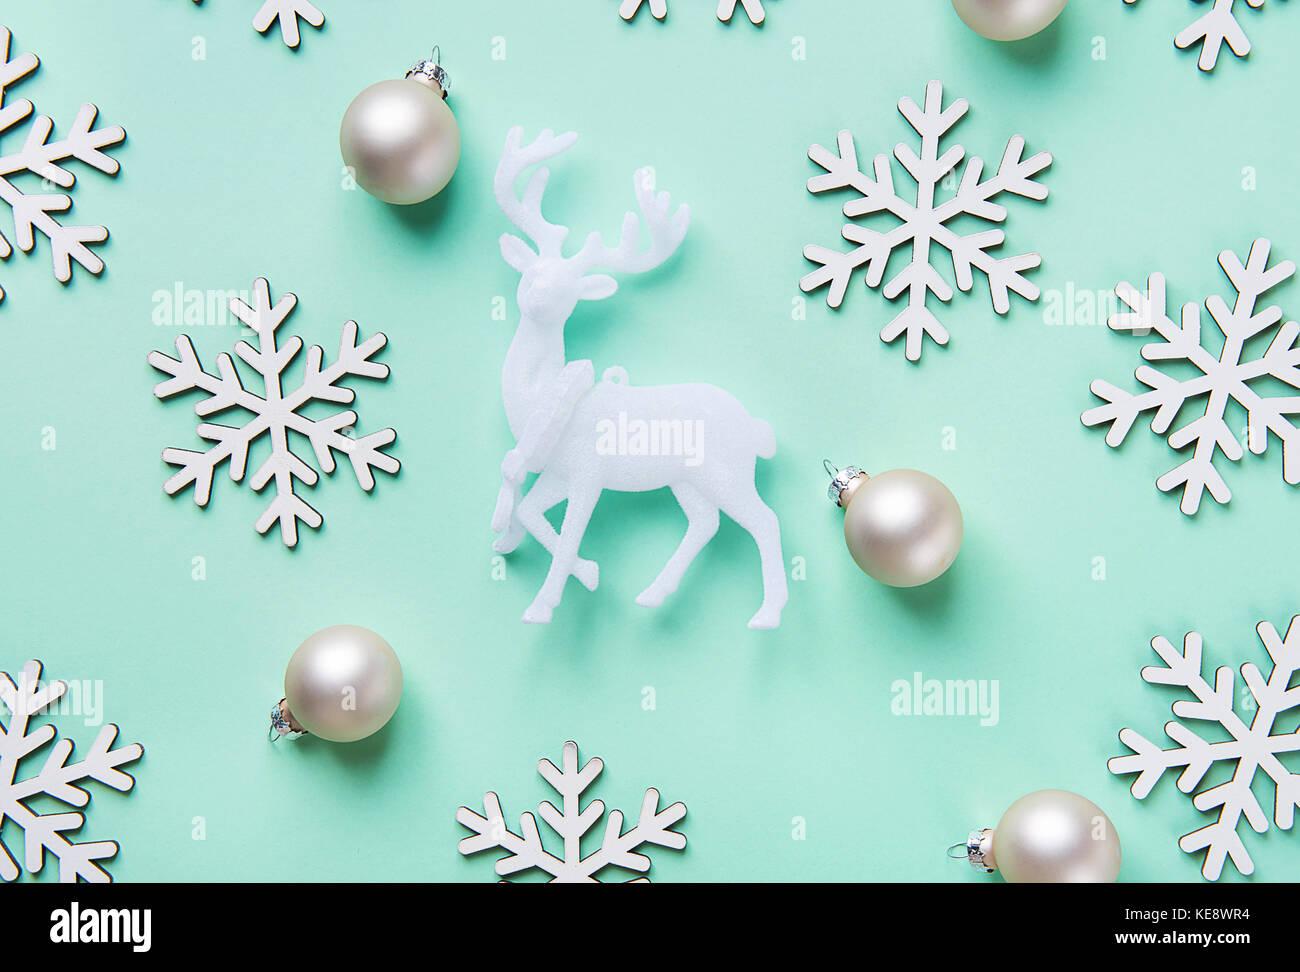 Elegante natale anno nuovo biglietto di auguri poster renne bianco fiocchi di neve sfere pattern sul turchese sfondo Immagini Stock